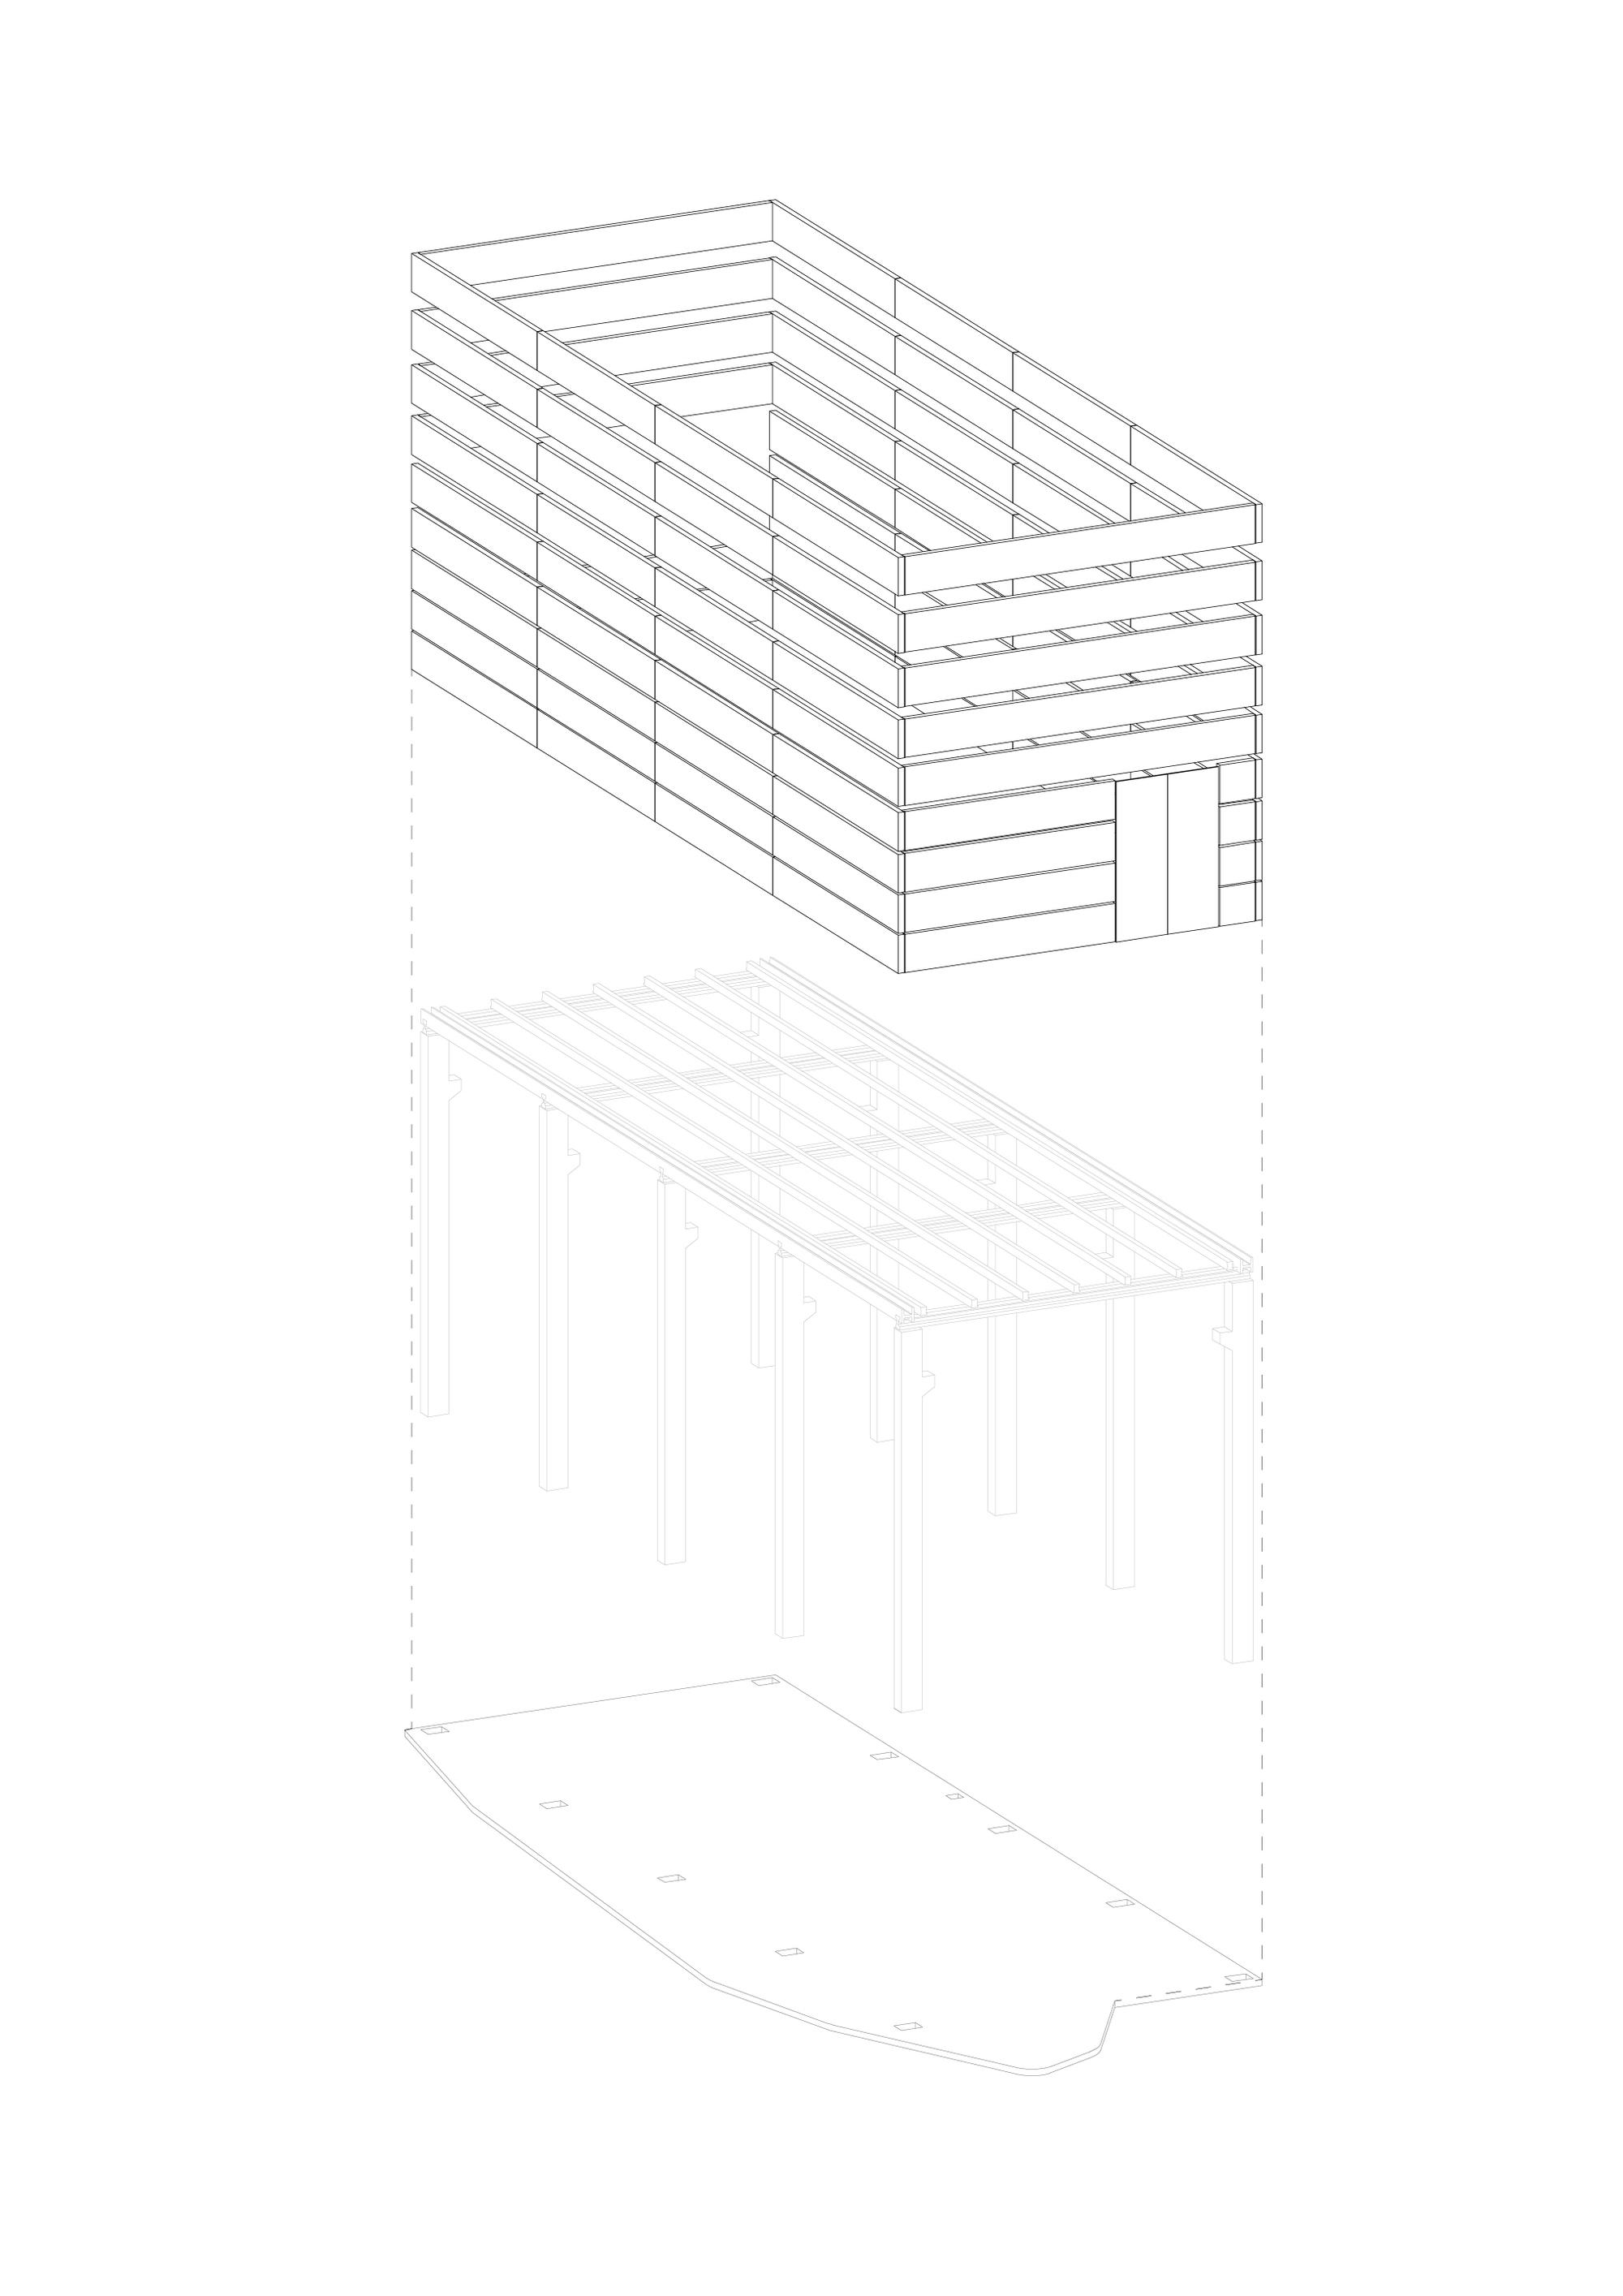 Arquitectos en pontevedra best vista de calle with - Arquitectos en pontevedra ...